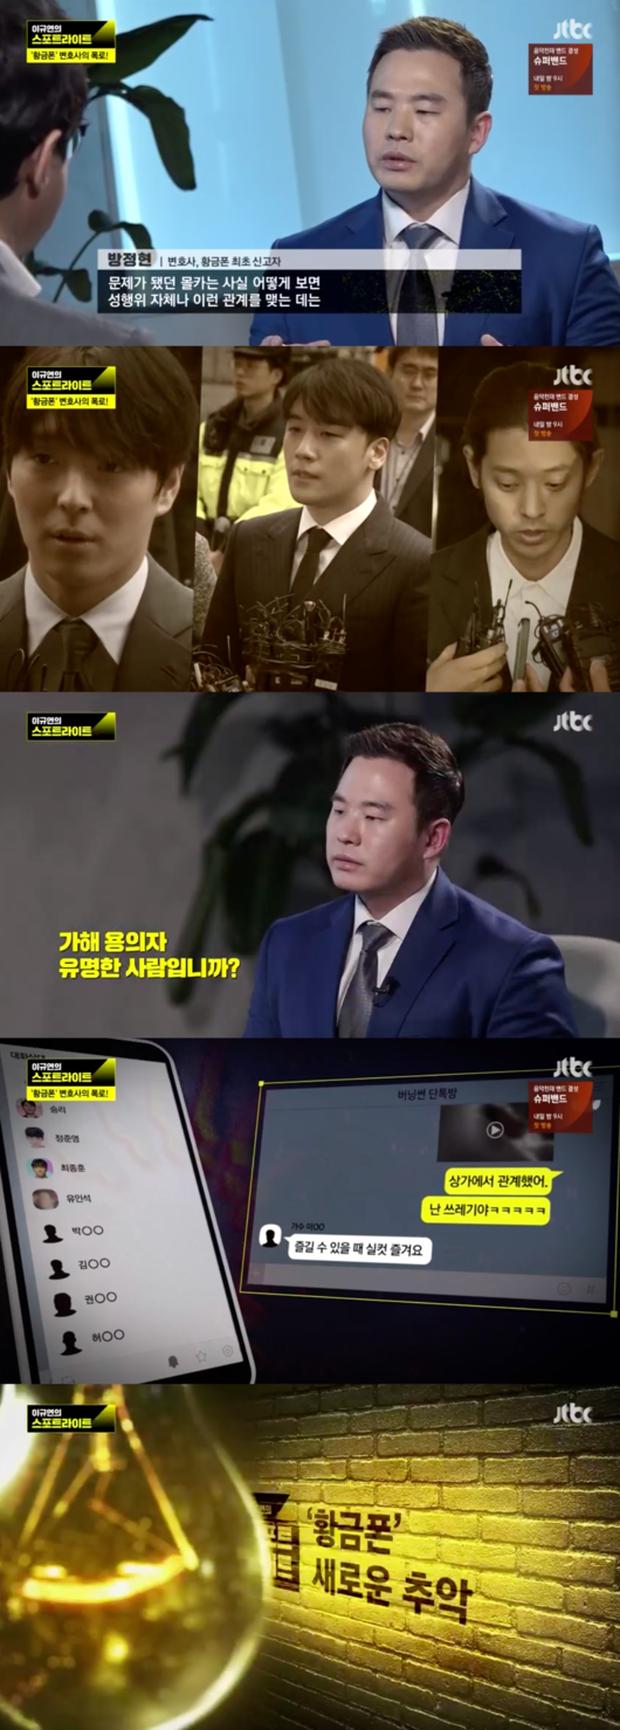 Sốc tận óc: Phát hiện 10 clip hiếp dâm trong chatroom Seungri, Jung Joon Young, cách nạn nhân phản ứng còn bất ngờ hơn - Ảnh 2.